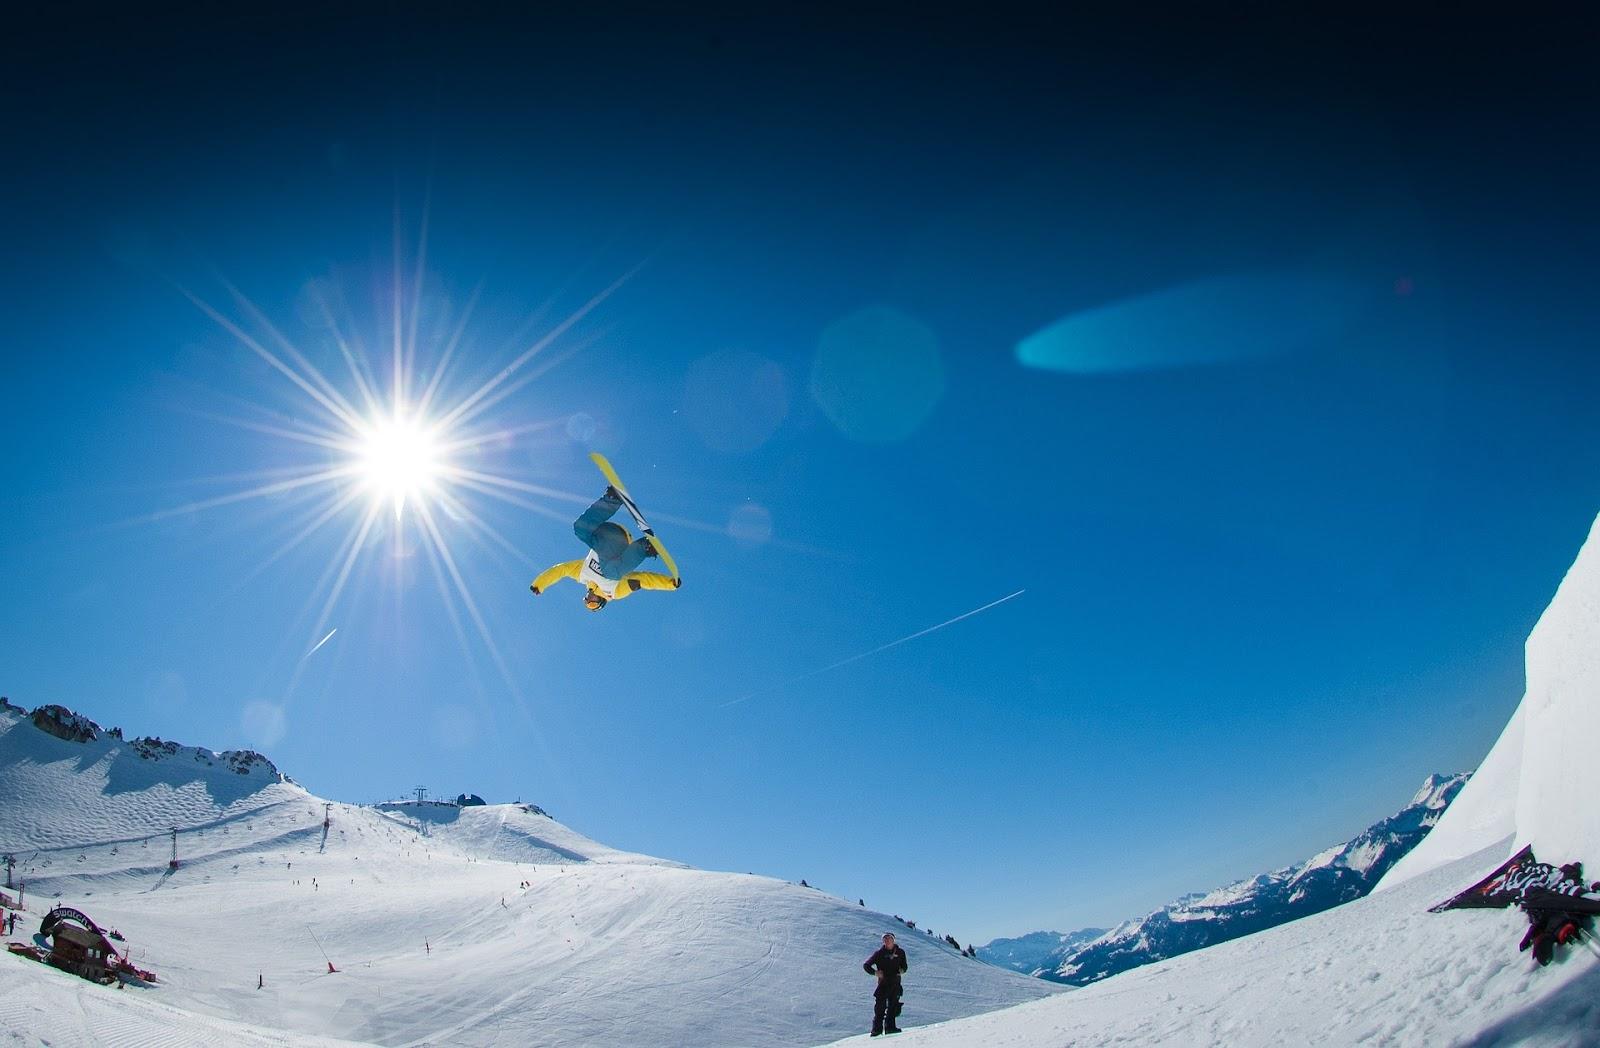 Trượt ván đơn trên tuyết